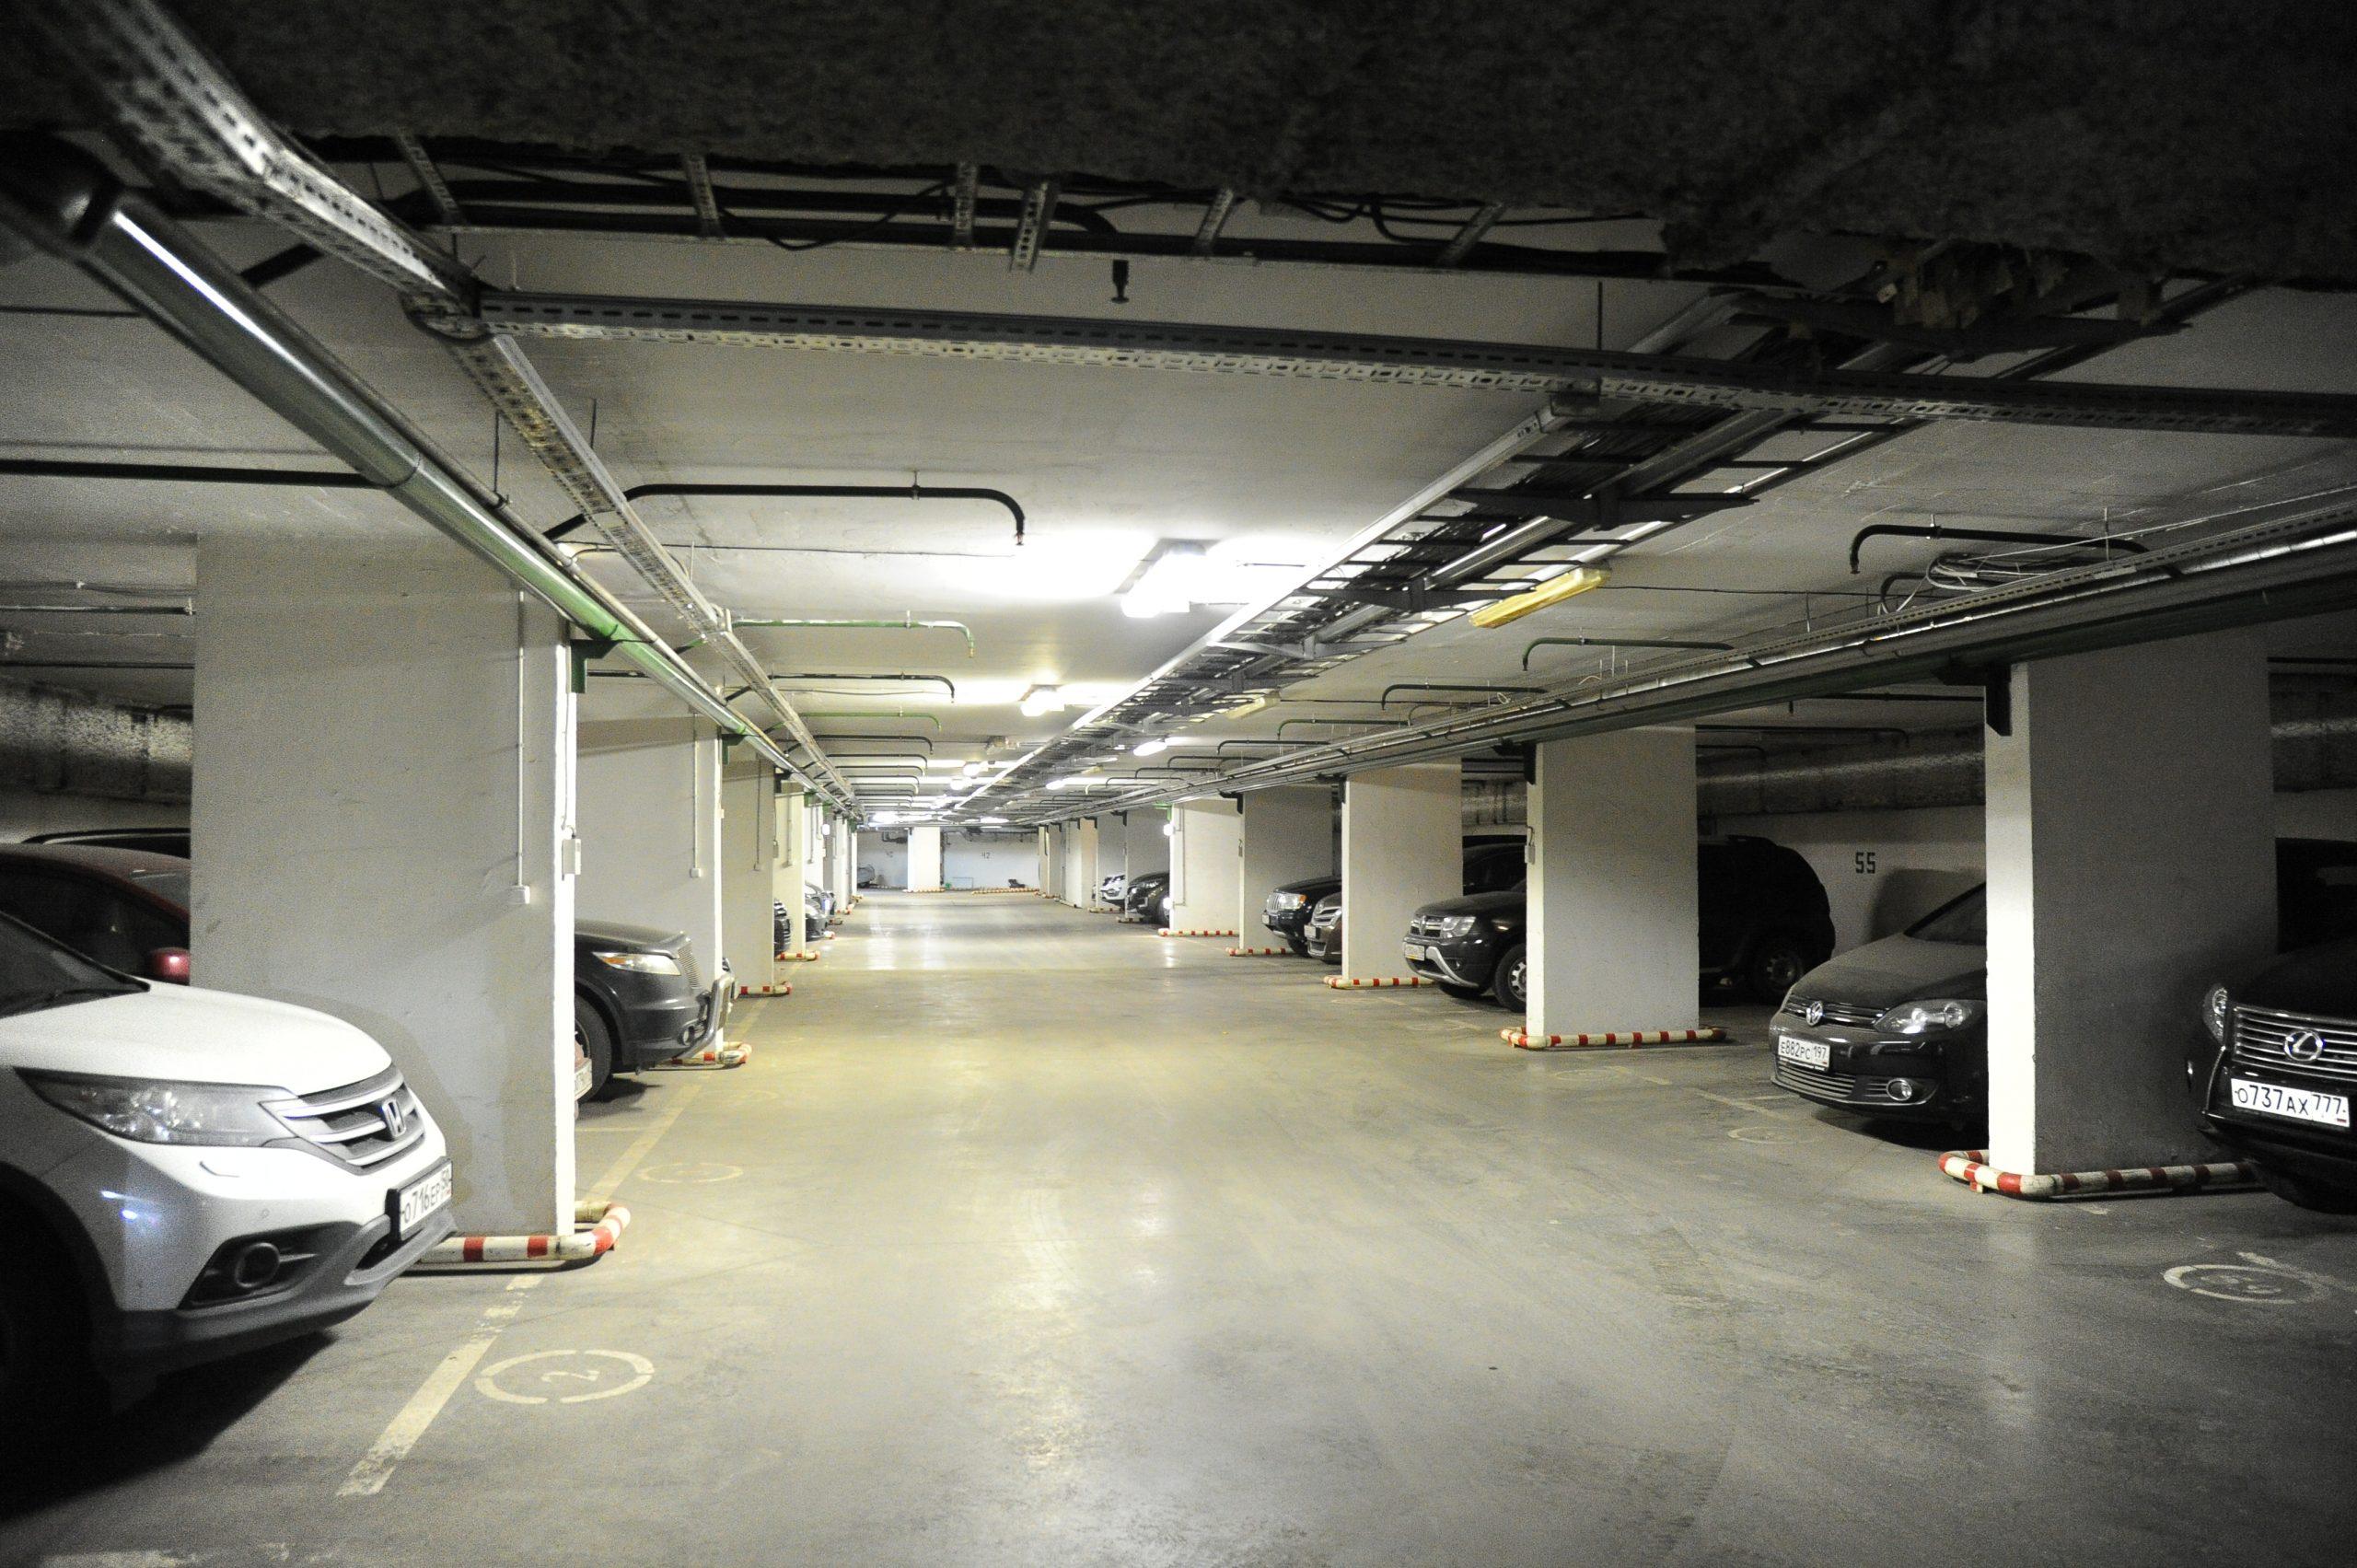 Москвичи арендовали более 170 машино-мест домовых паркингов